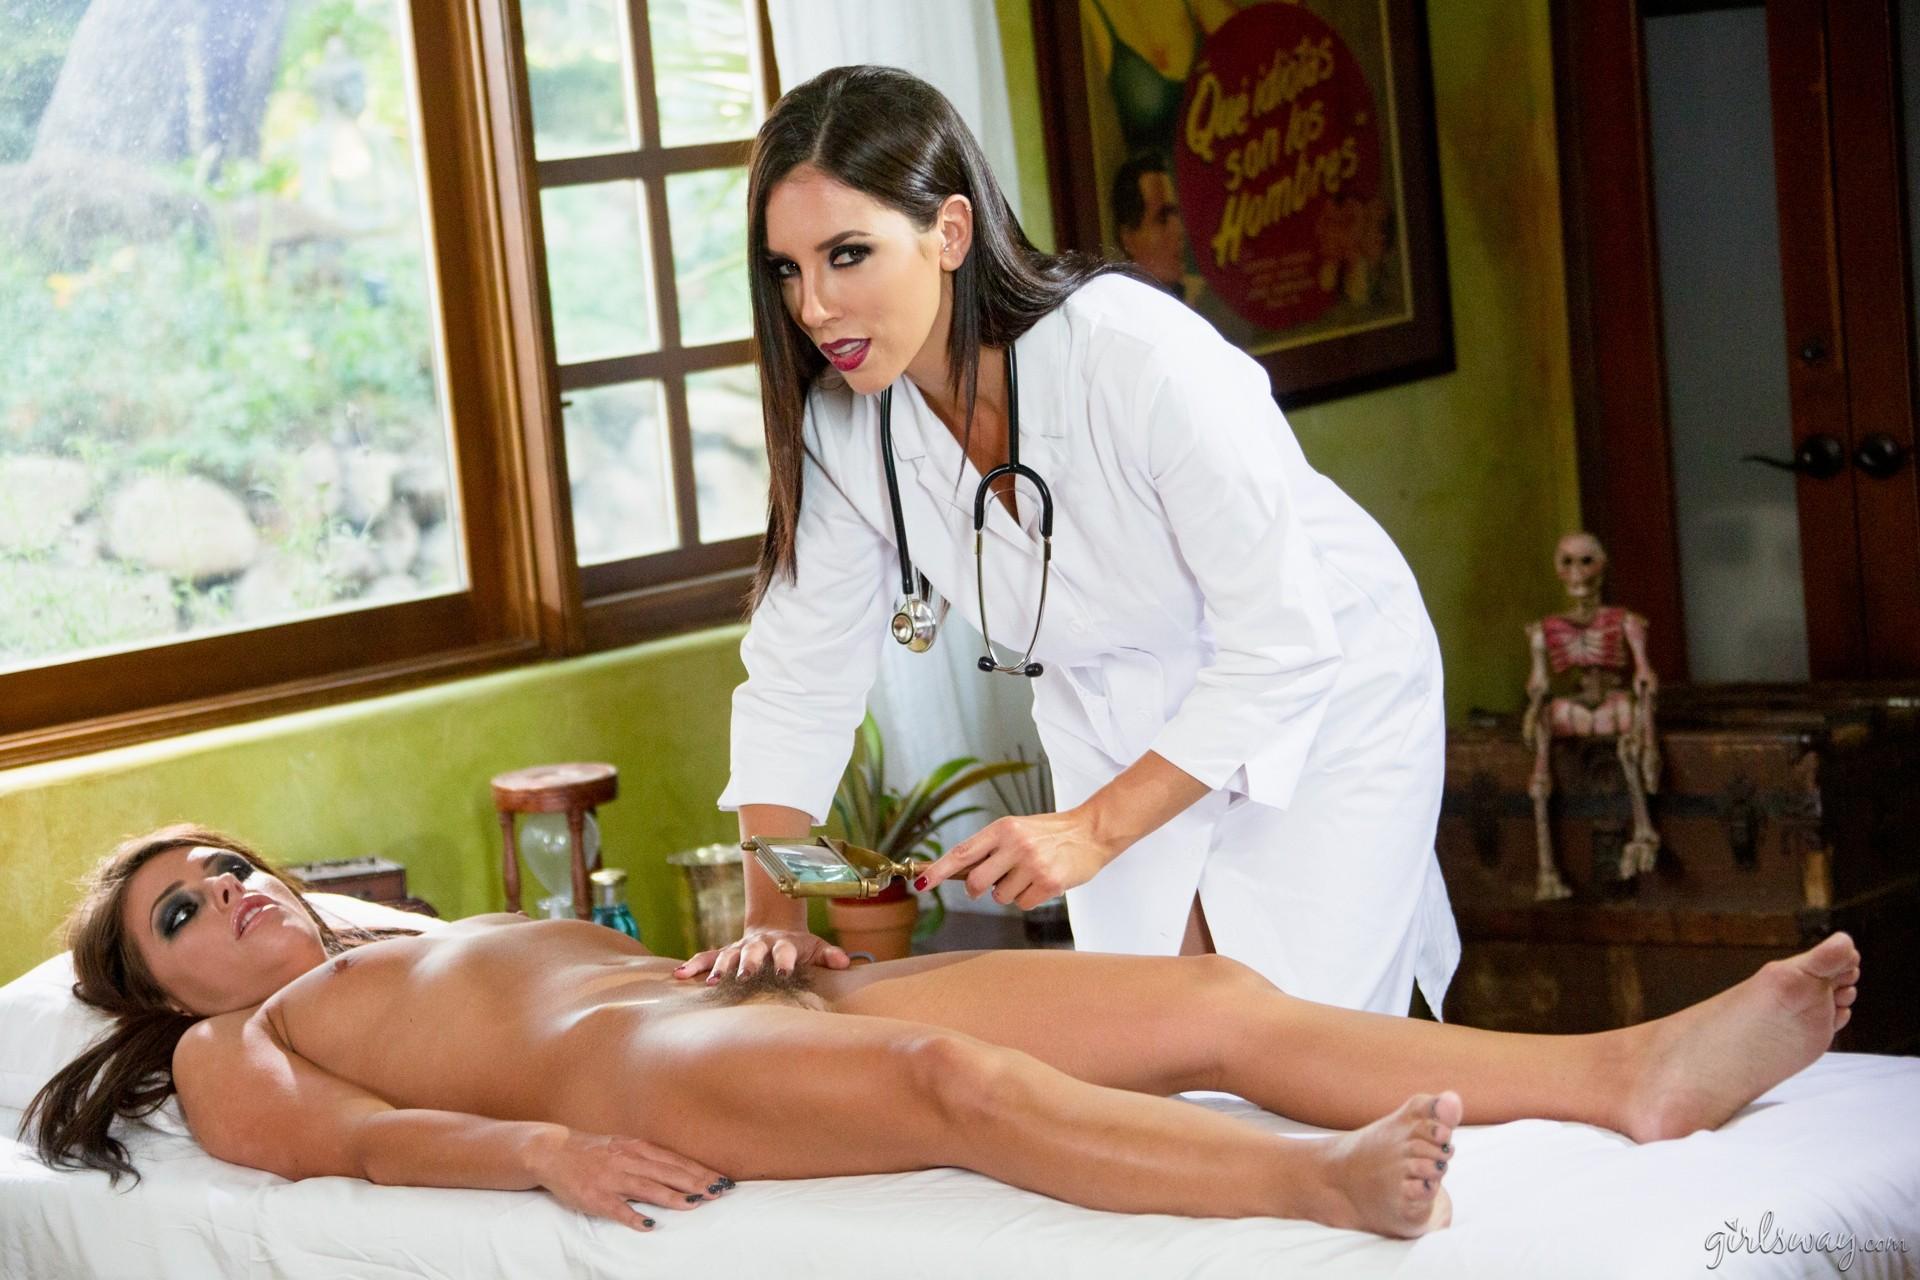 Симпатичная врачиха показывает пациентке, как можно расслабиться и самостоятельно получить удовольствие